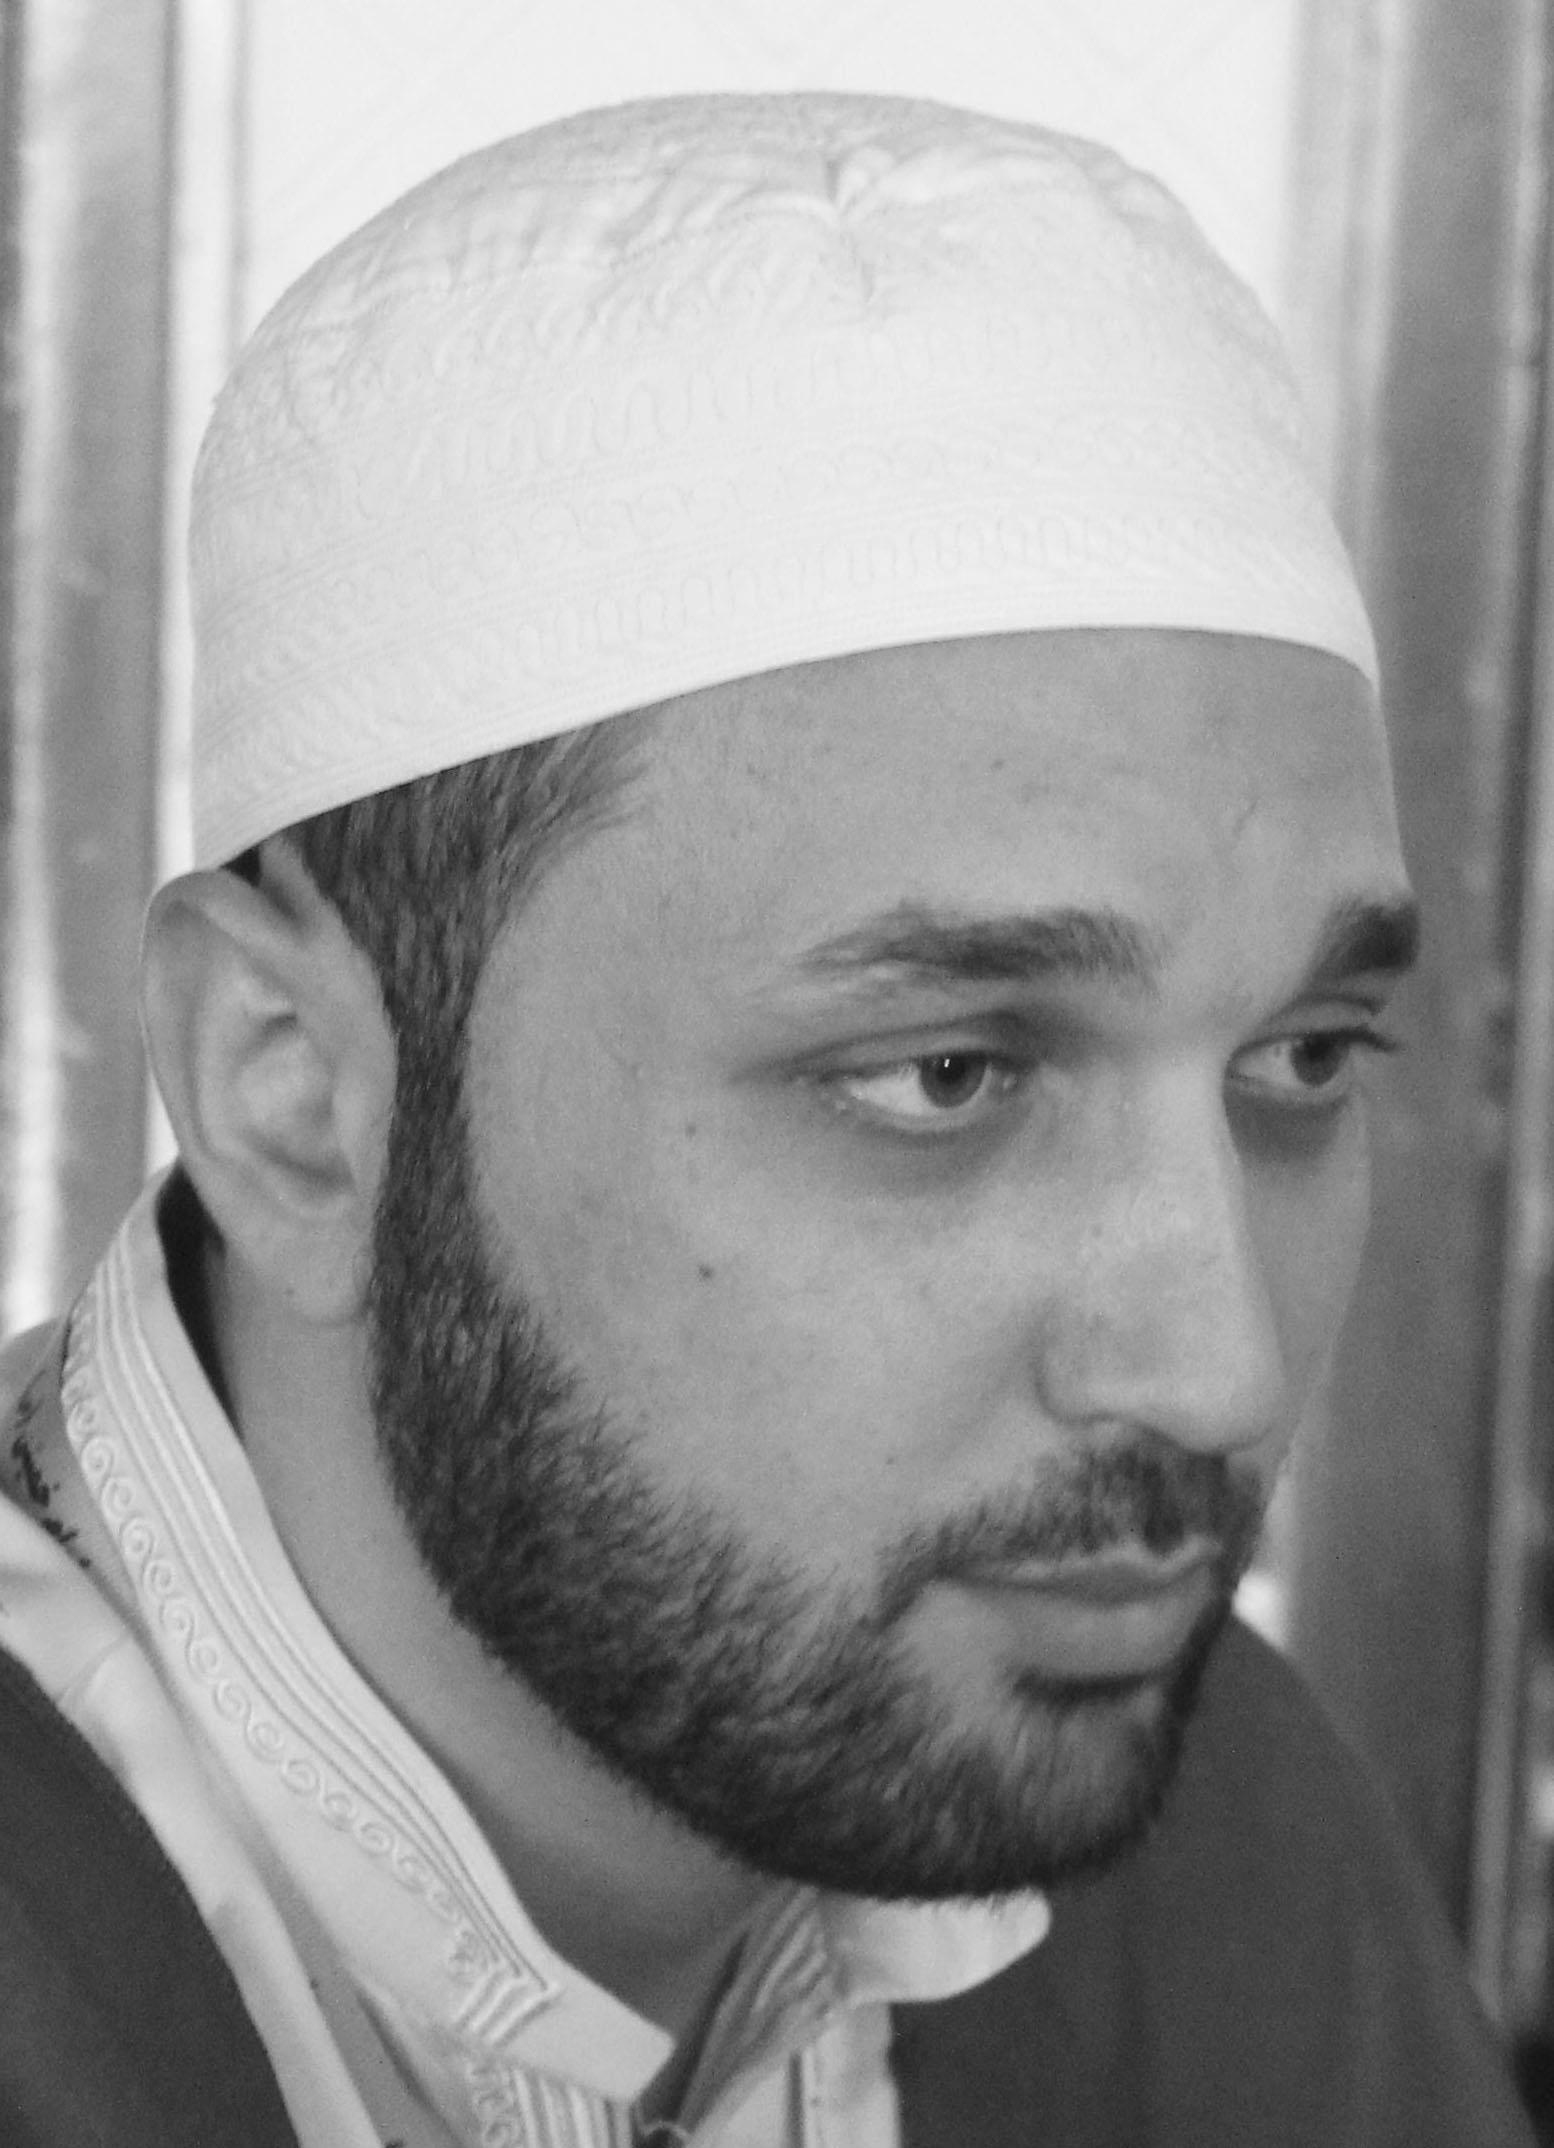 شیخ حذیفه